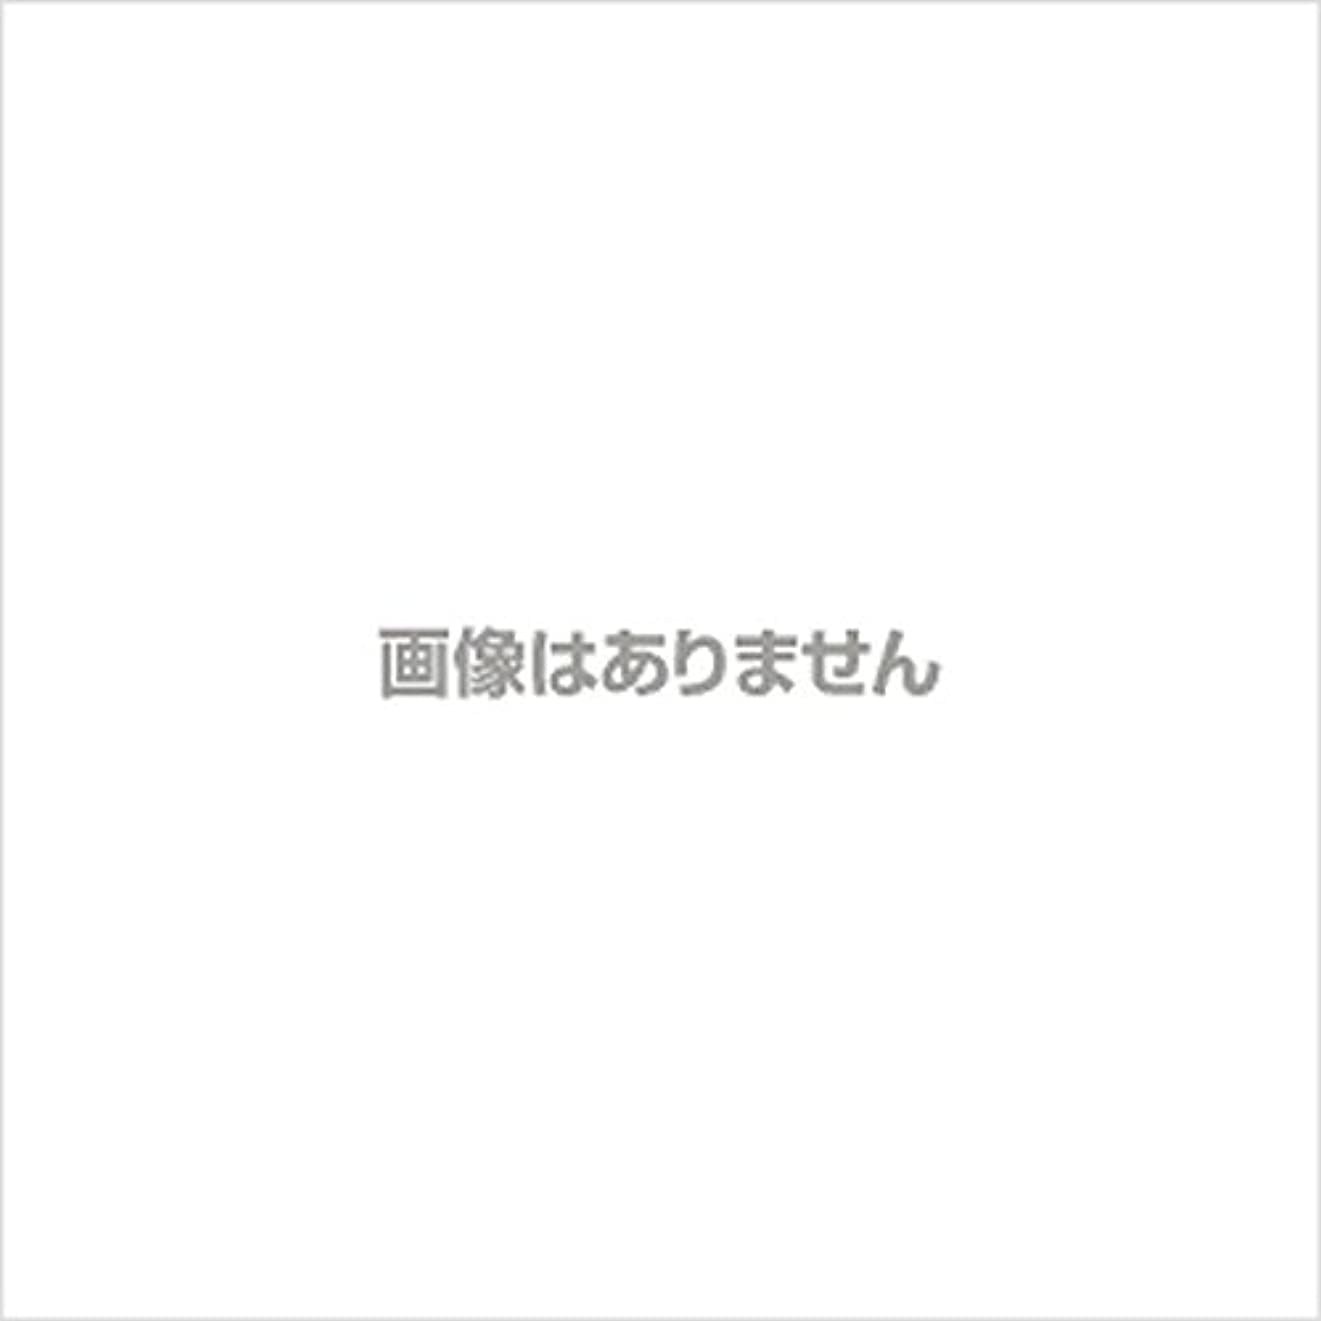 戻す管理証人【新発売】EBUKEA エブケアNO1002 プラスチックグローブ(粉付)Sサイズ 100枚入(極薄?半透明)